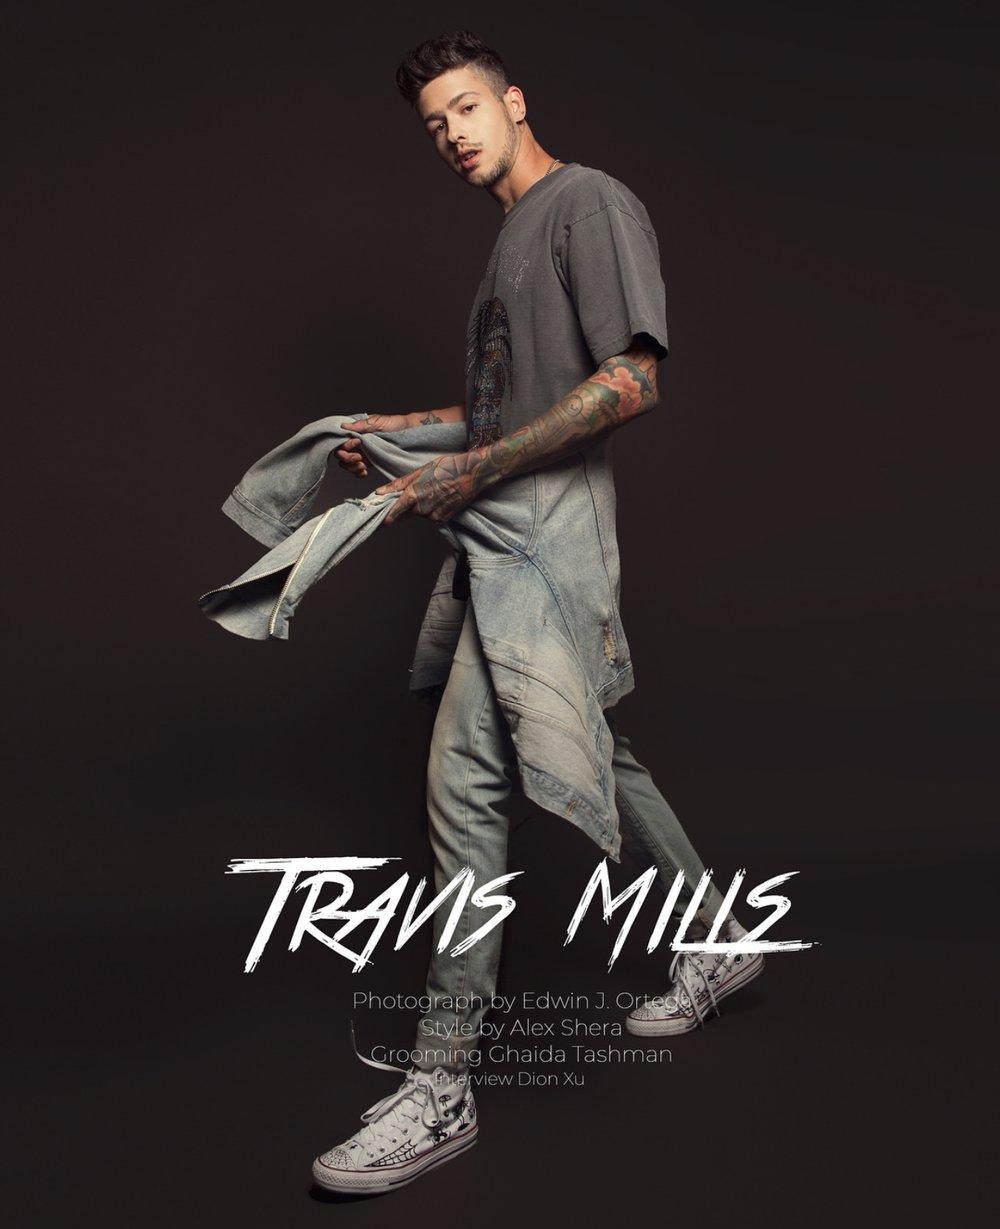 TRAVIS MILLS \\ 1.2M FOLLOWERS